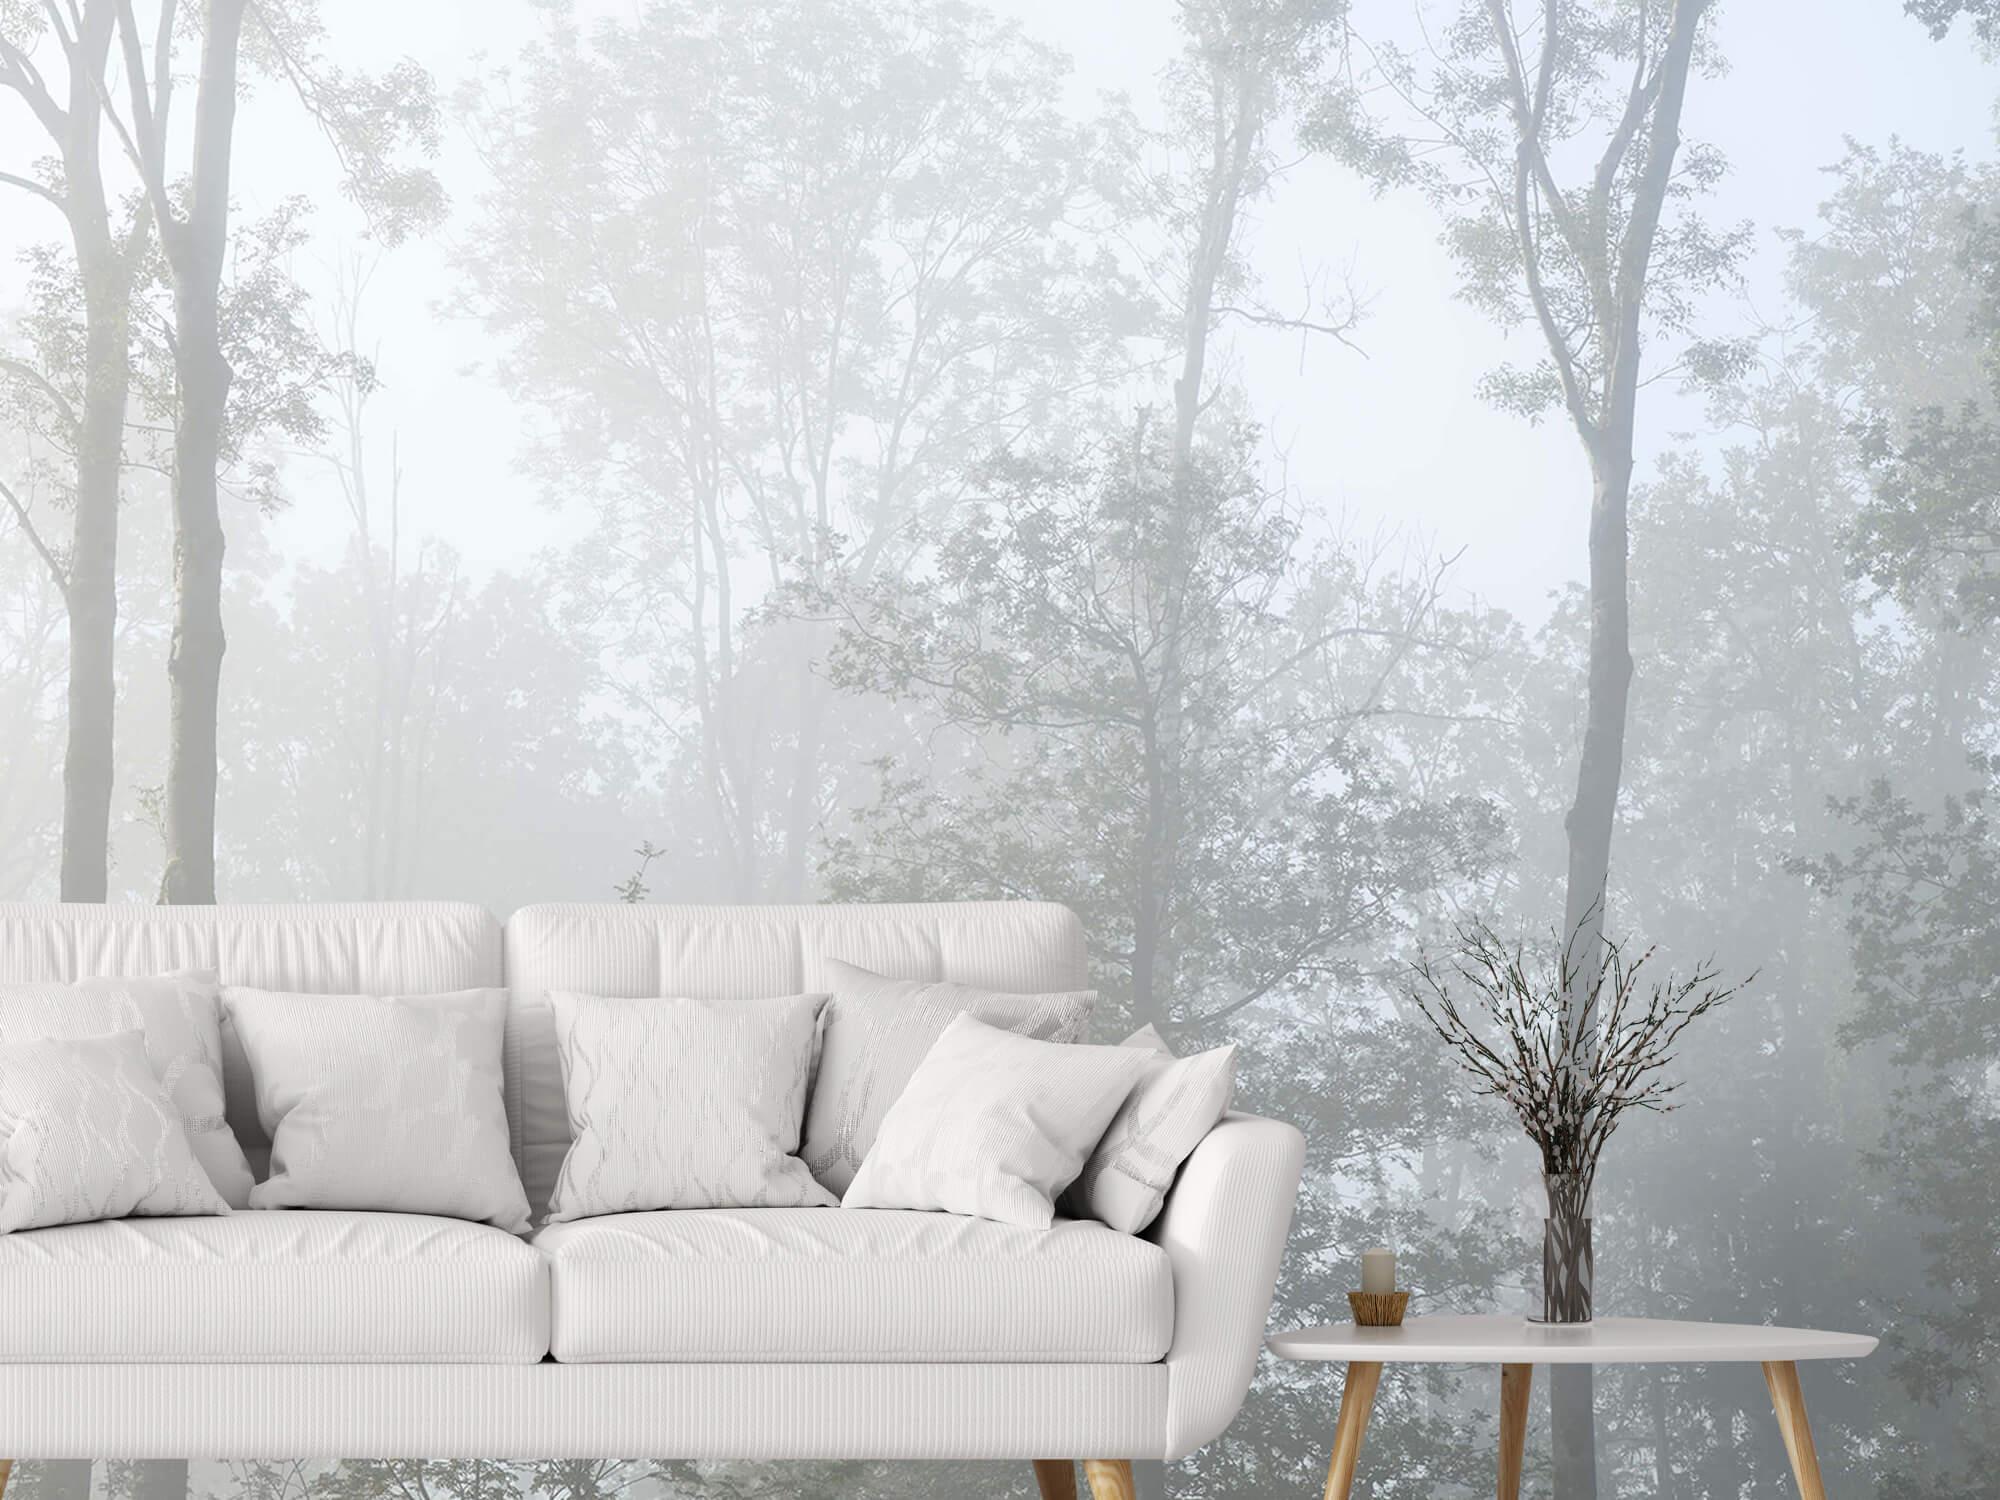 Bos behang Dichte mist in het bos 4